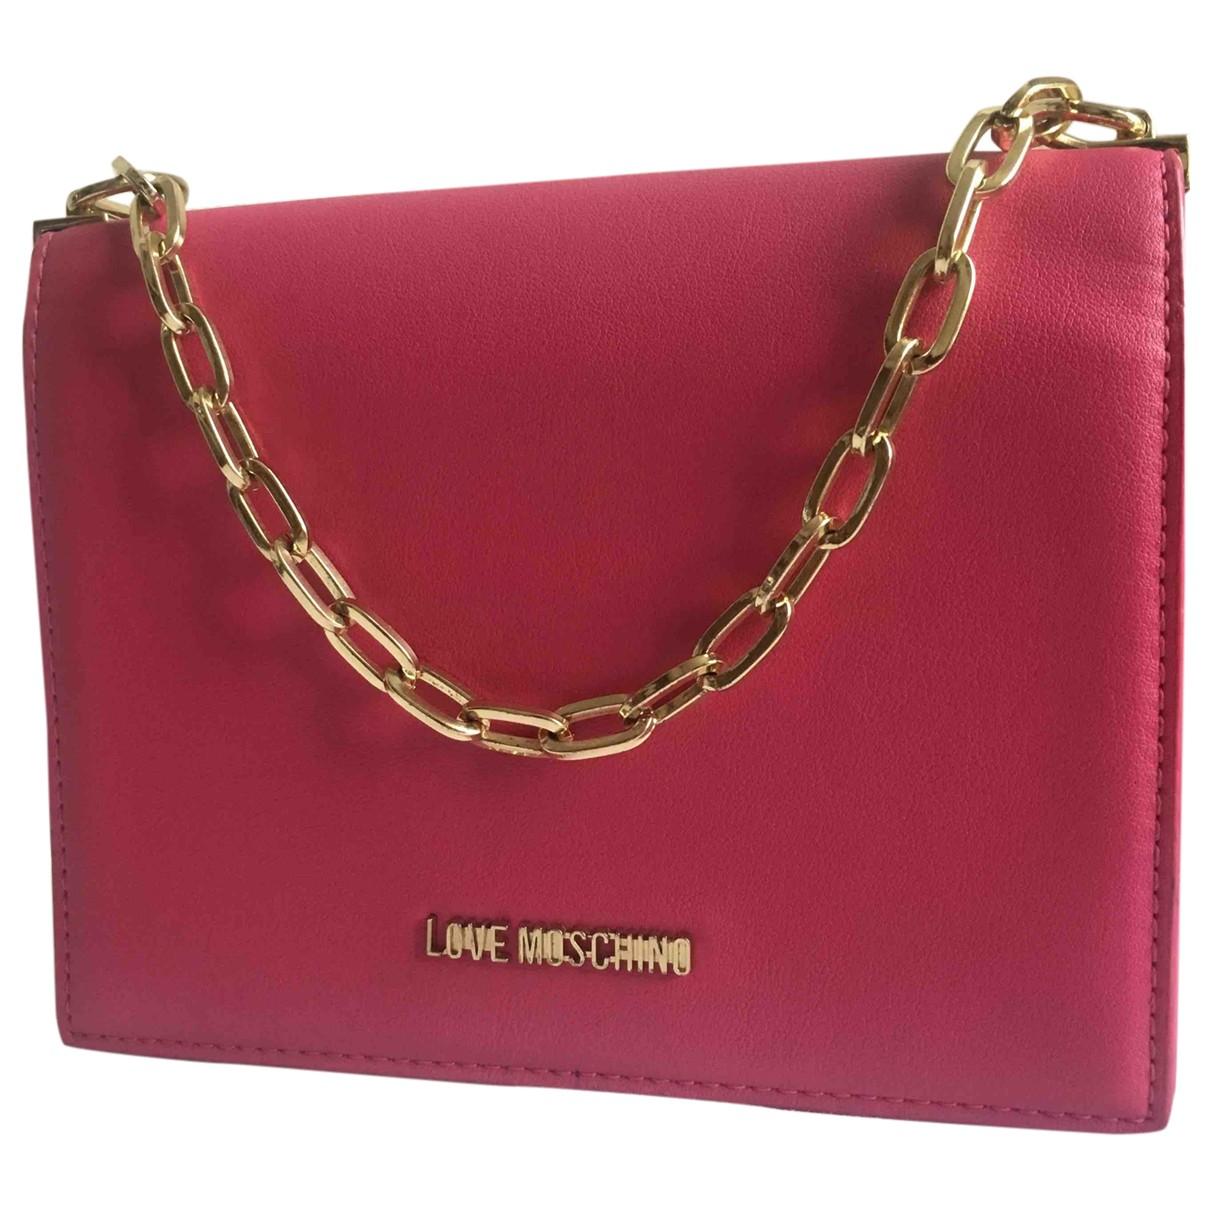 Moschino Love - Sac a main   pour femme - rose